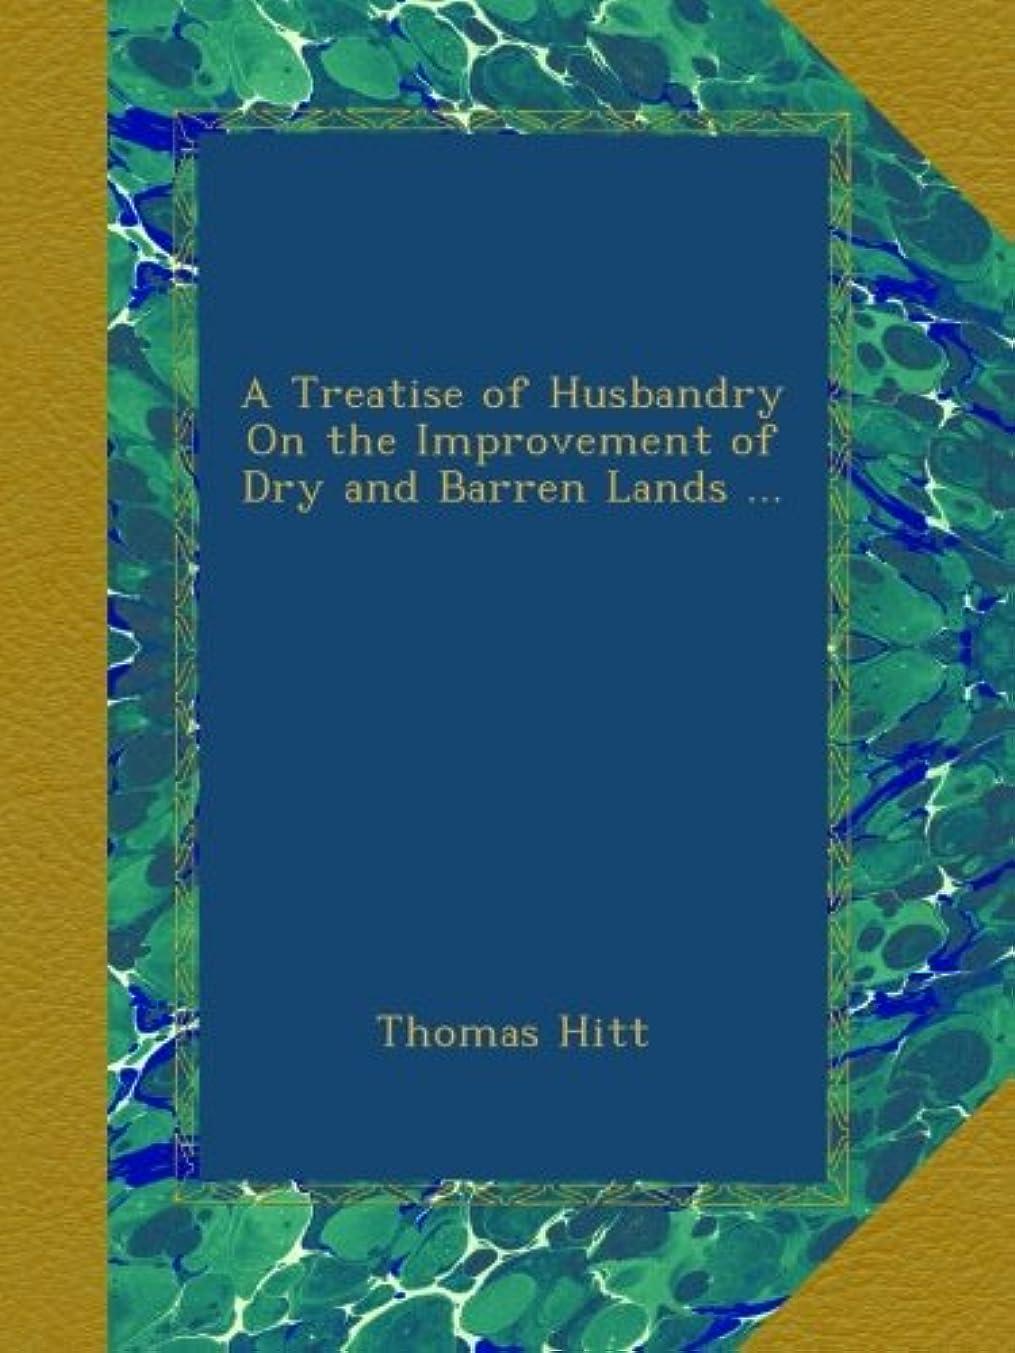 グレートオーク持っている人生を作るA Treatise of Husbandry On the Improvement of Dry and Barren Lands ...